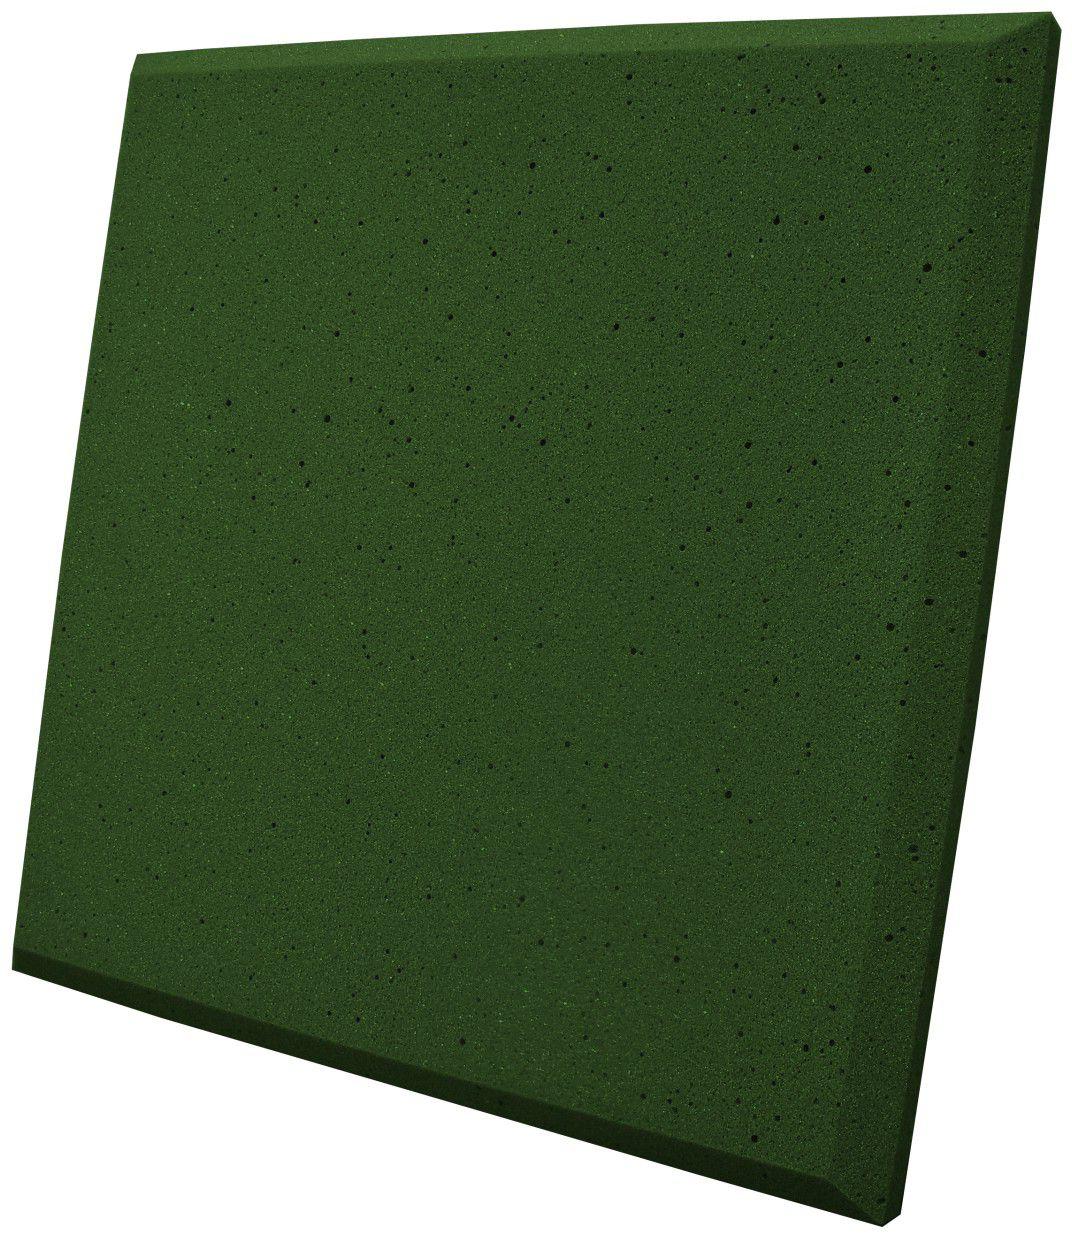 Espuma acústica Linha REV - P - Verde - Kit 8 peças (2m²)  - Loja  SPL Acústica